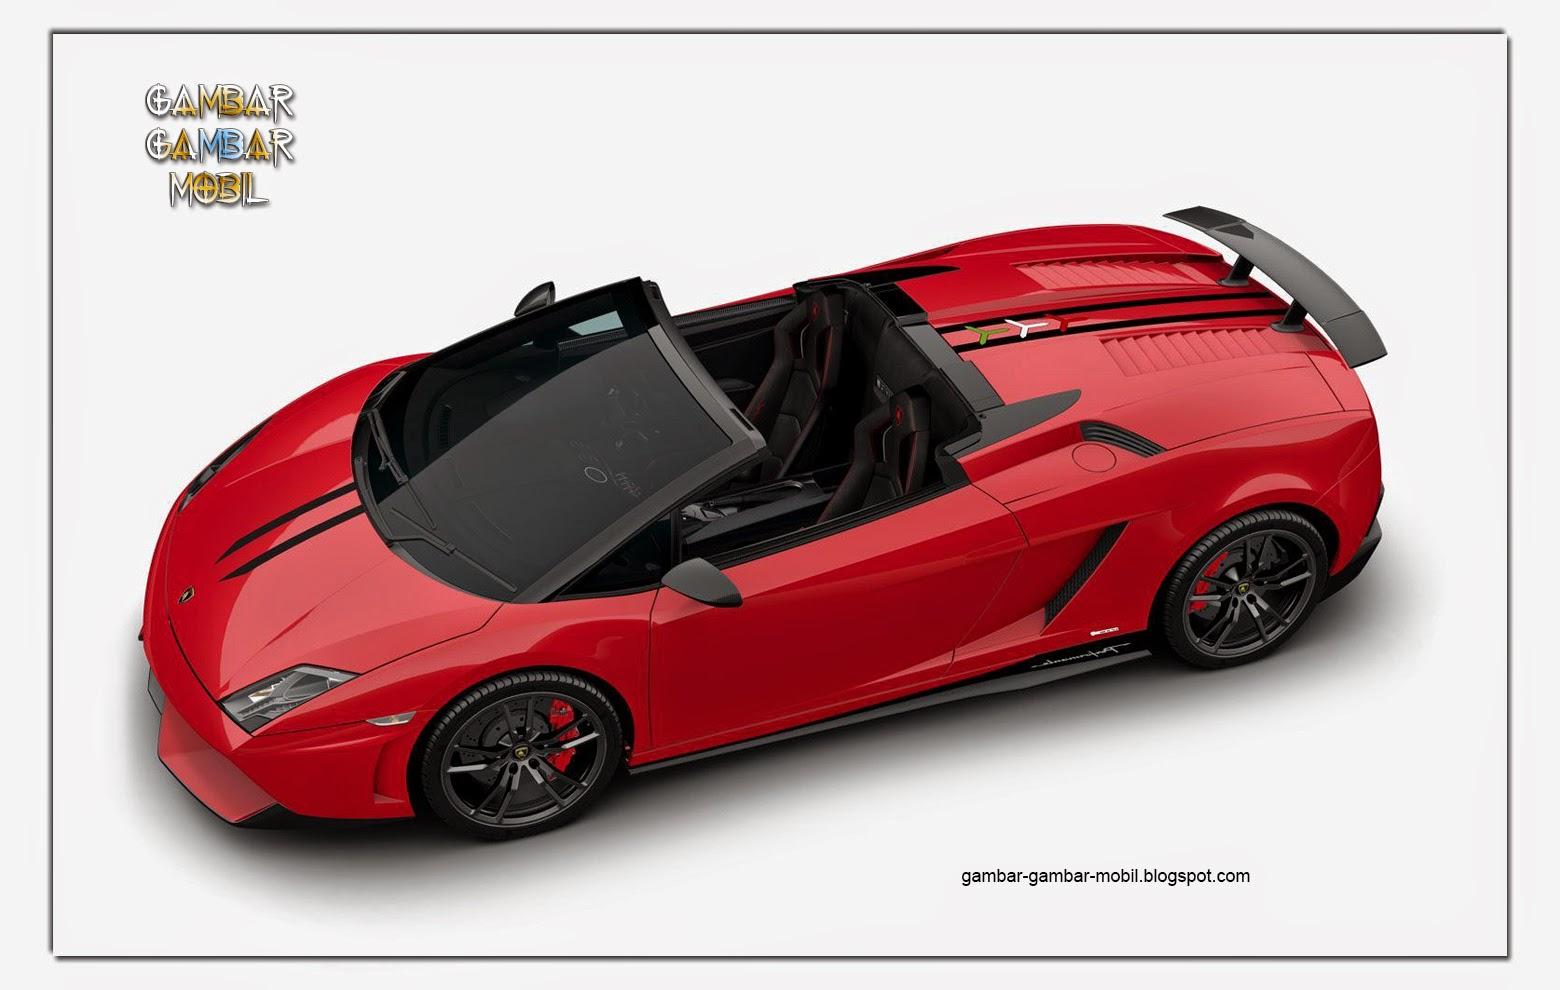 gambar mobil balap lamborghini gallardo LP 570-4 Spyder Performante Edizione Tecnica